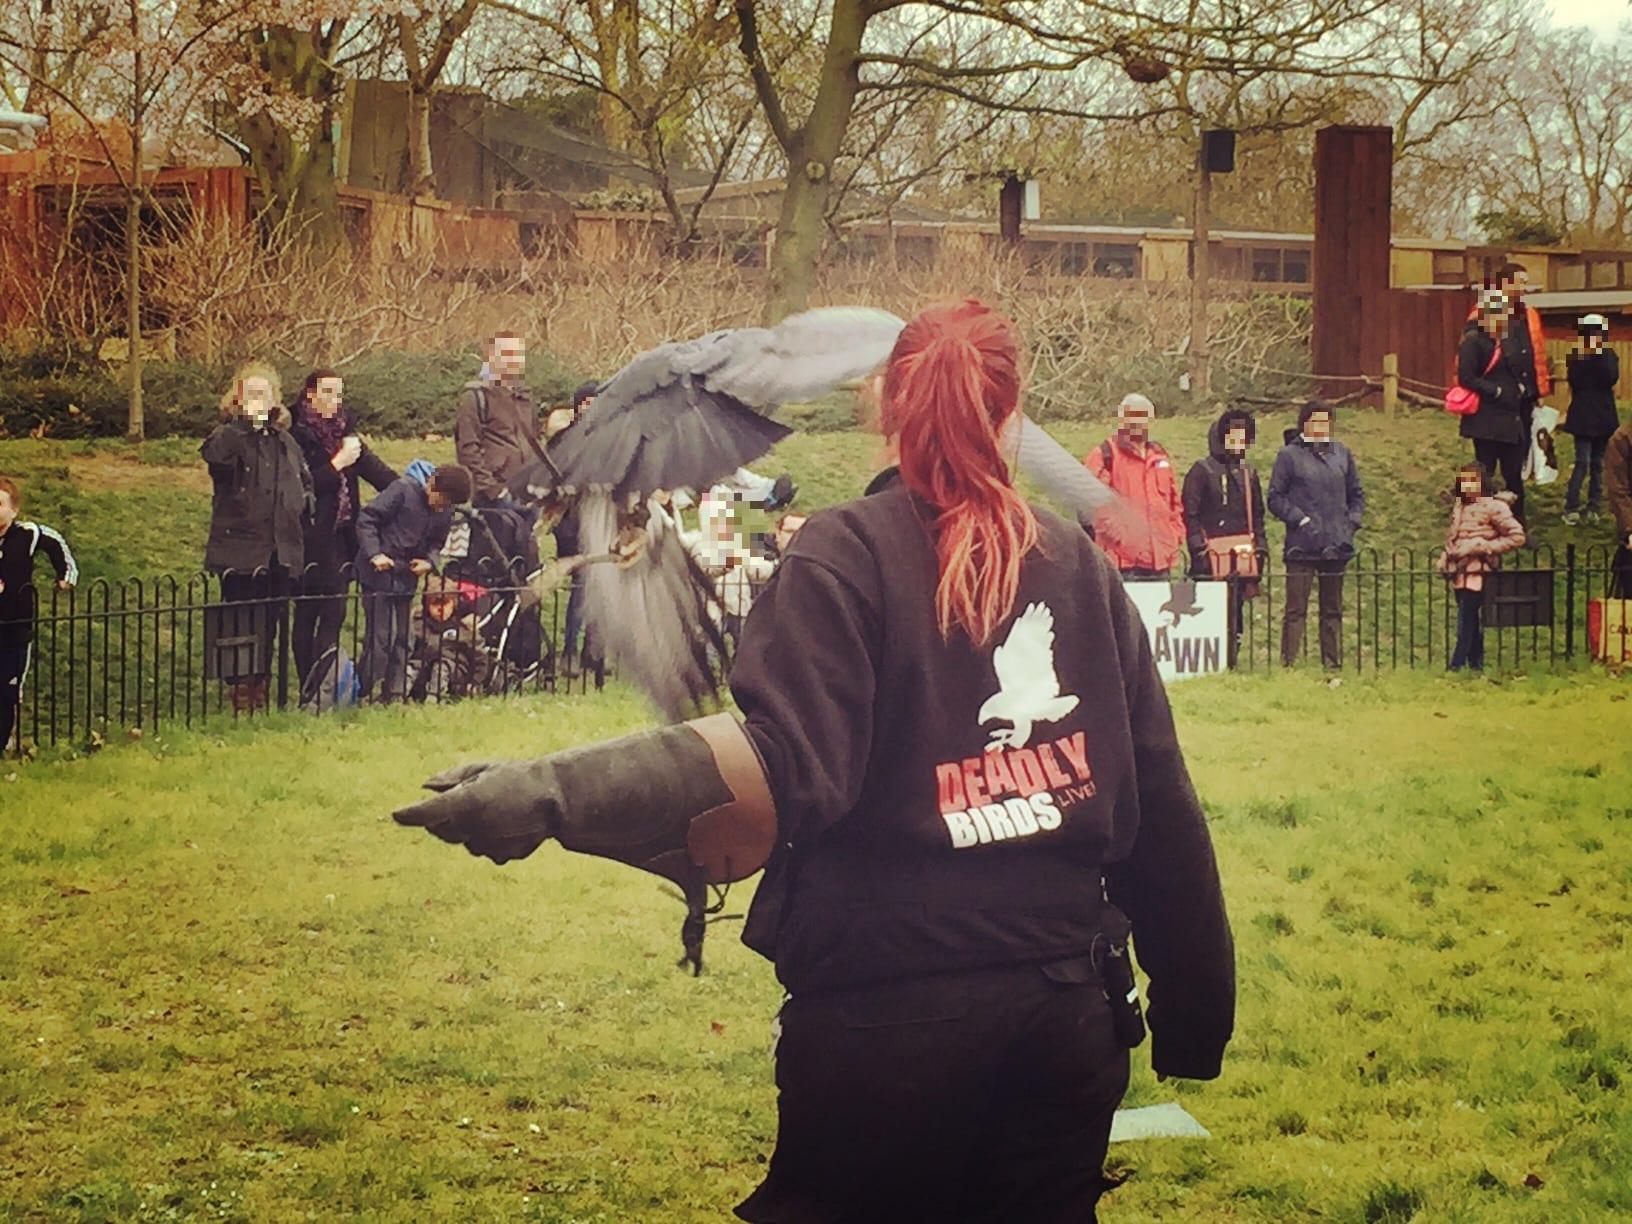 Eine Vorführung der Greifvögel im London Zoo